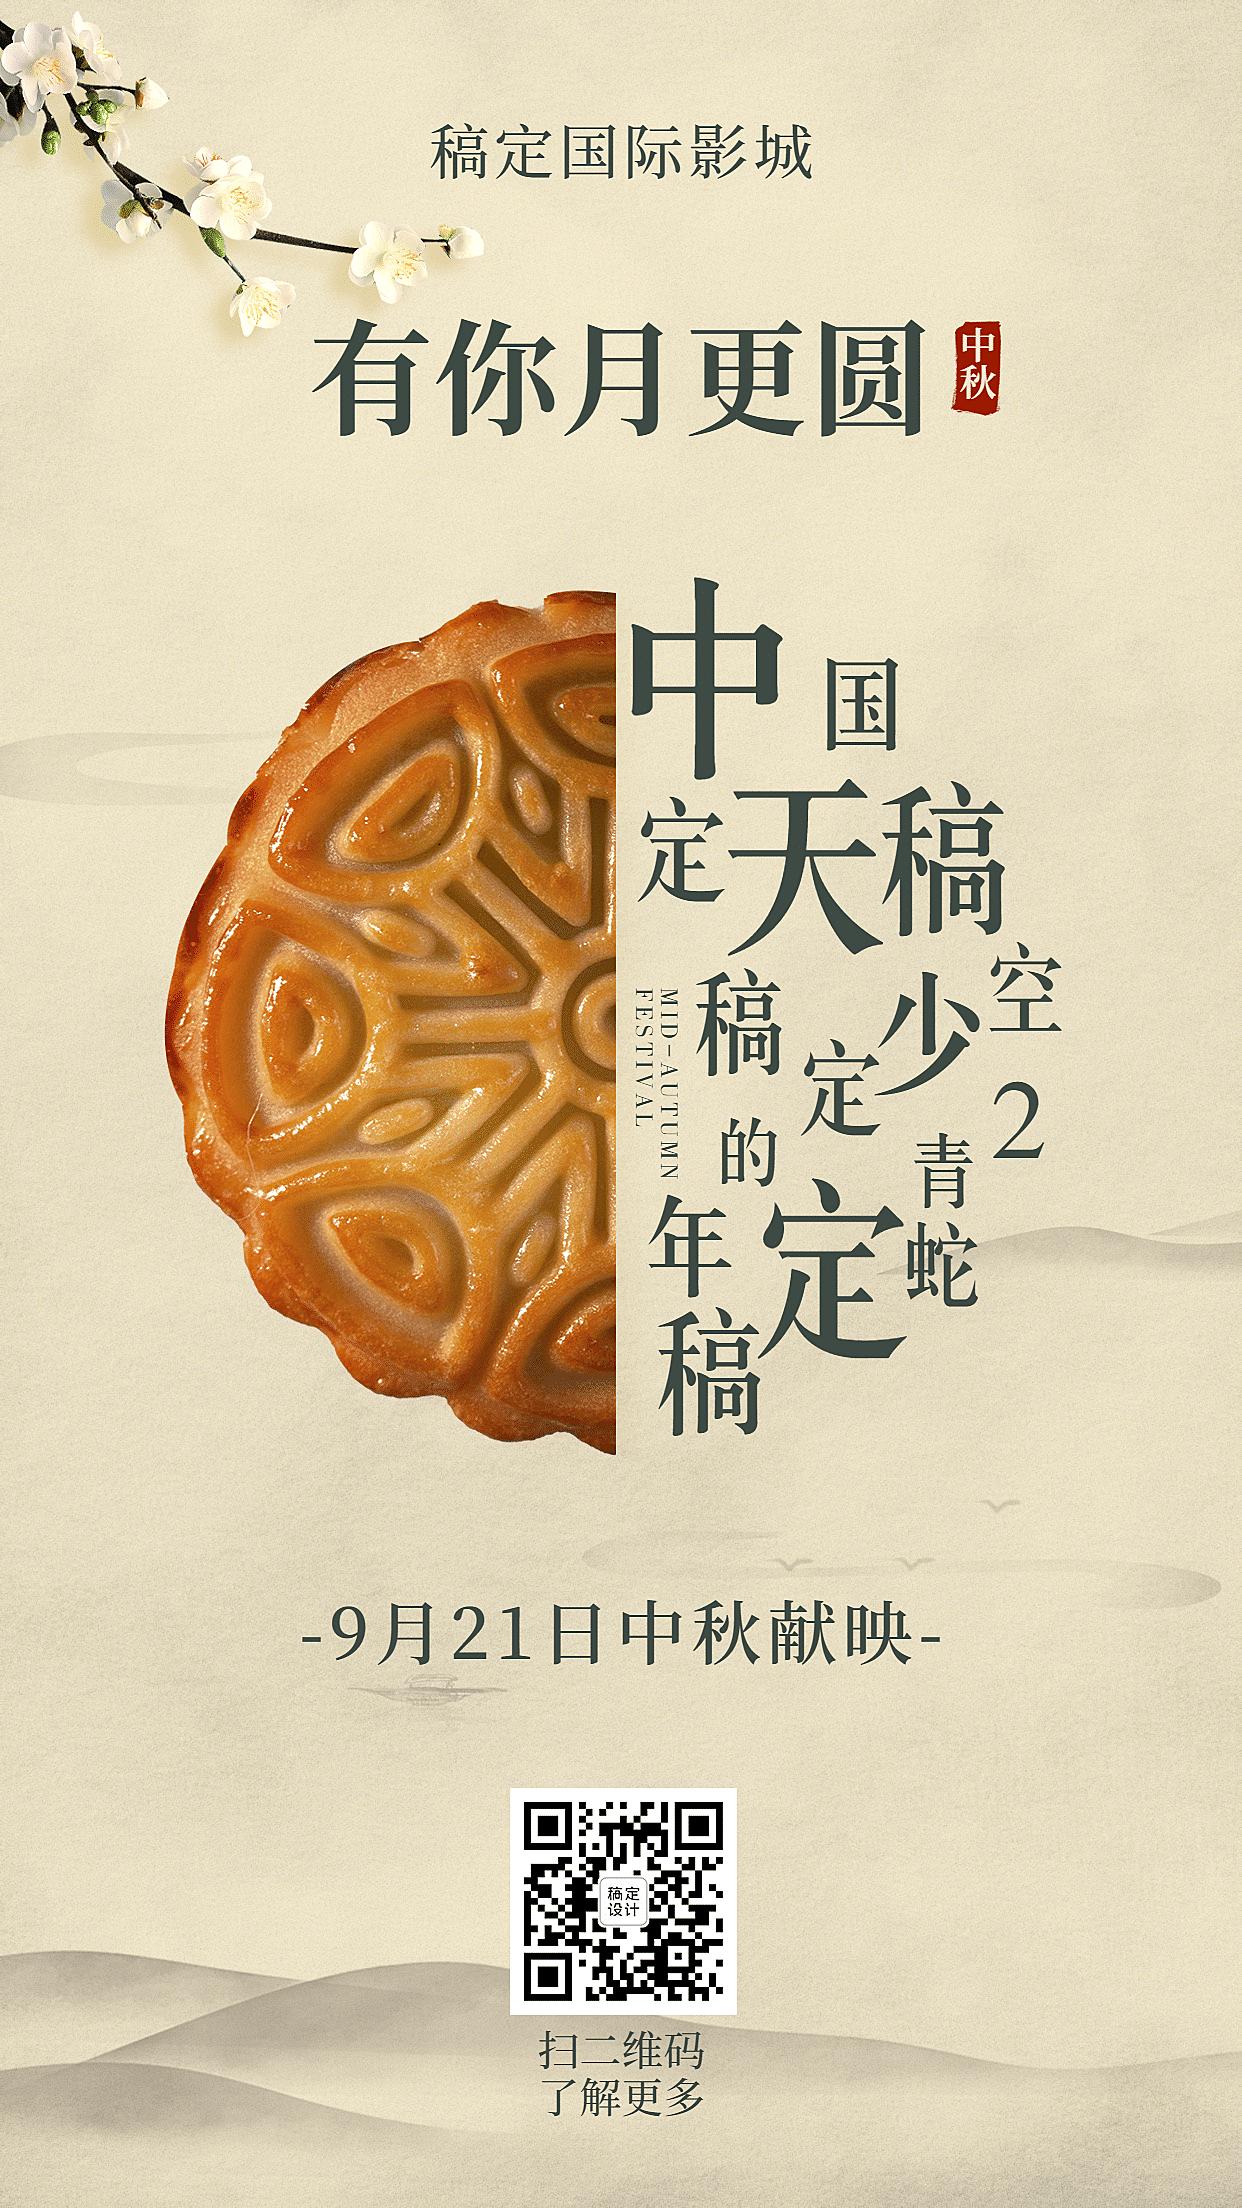 中秋节影院片单宣传海报